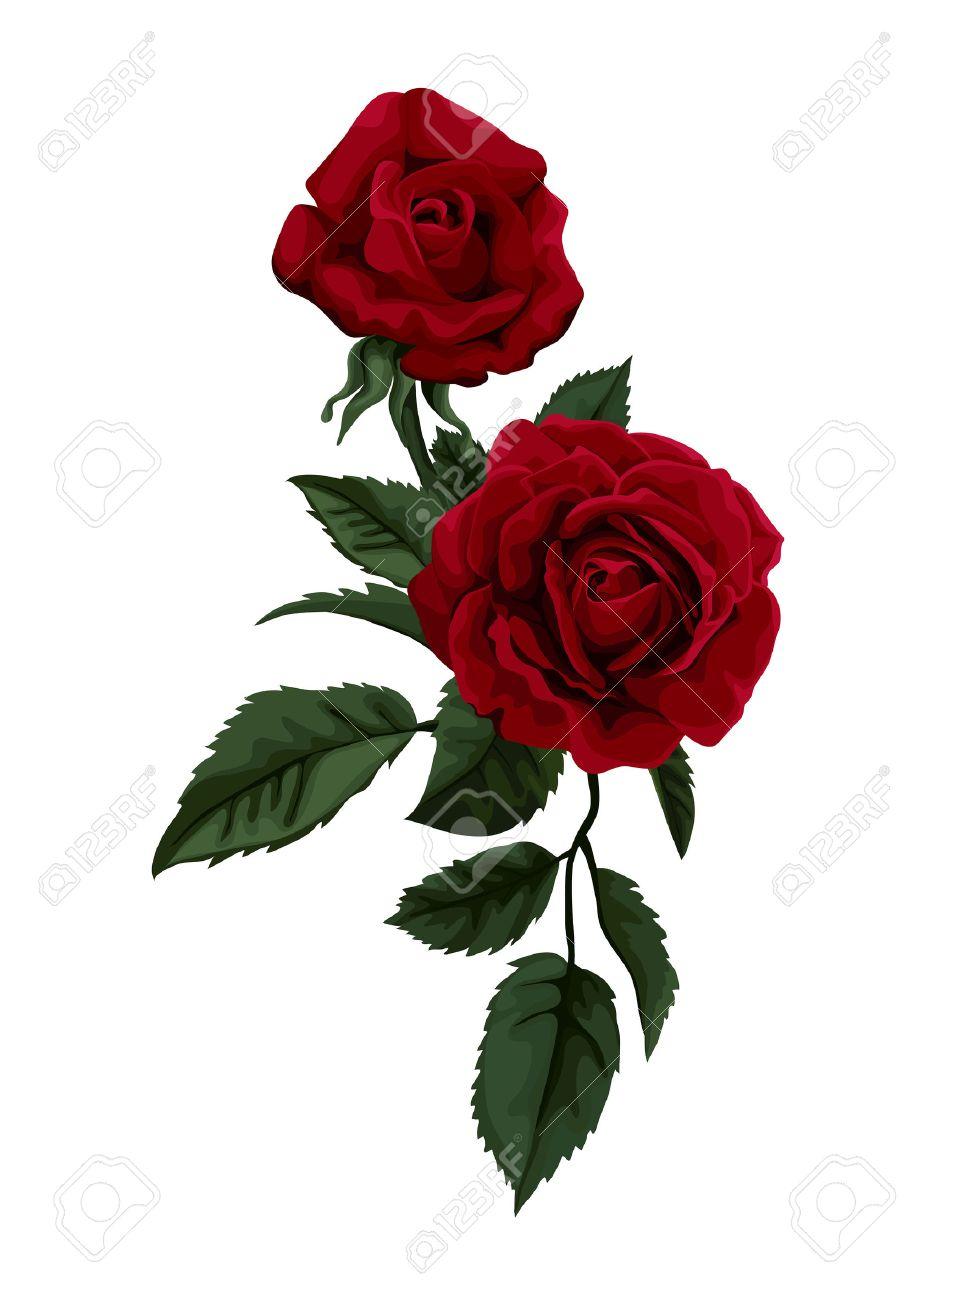 Magnifique Bouquet De Roses Rouges Isolé Sur Blanc Parfait Pour Le Fond Des Cartes De V Ux Et Des Invitations De Mariage Anniversaire